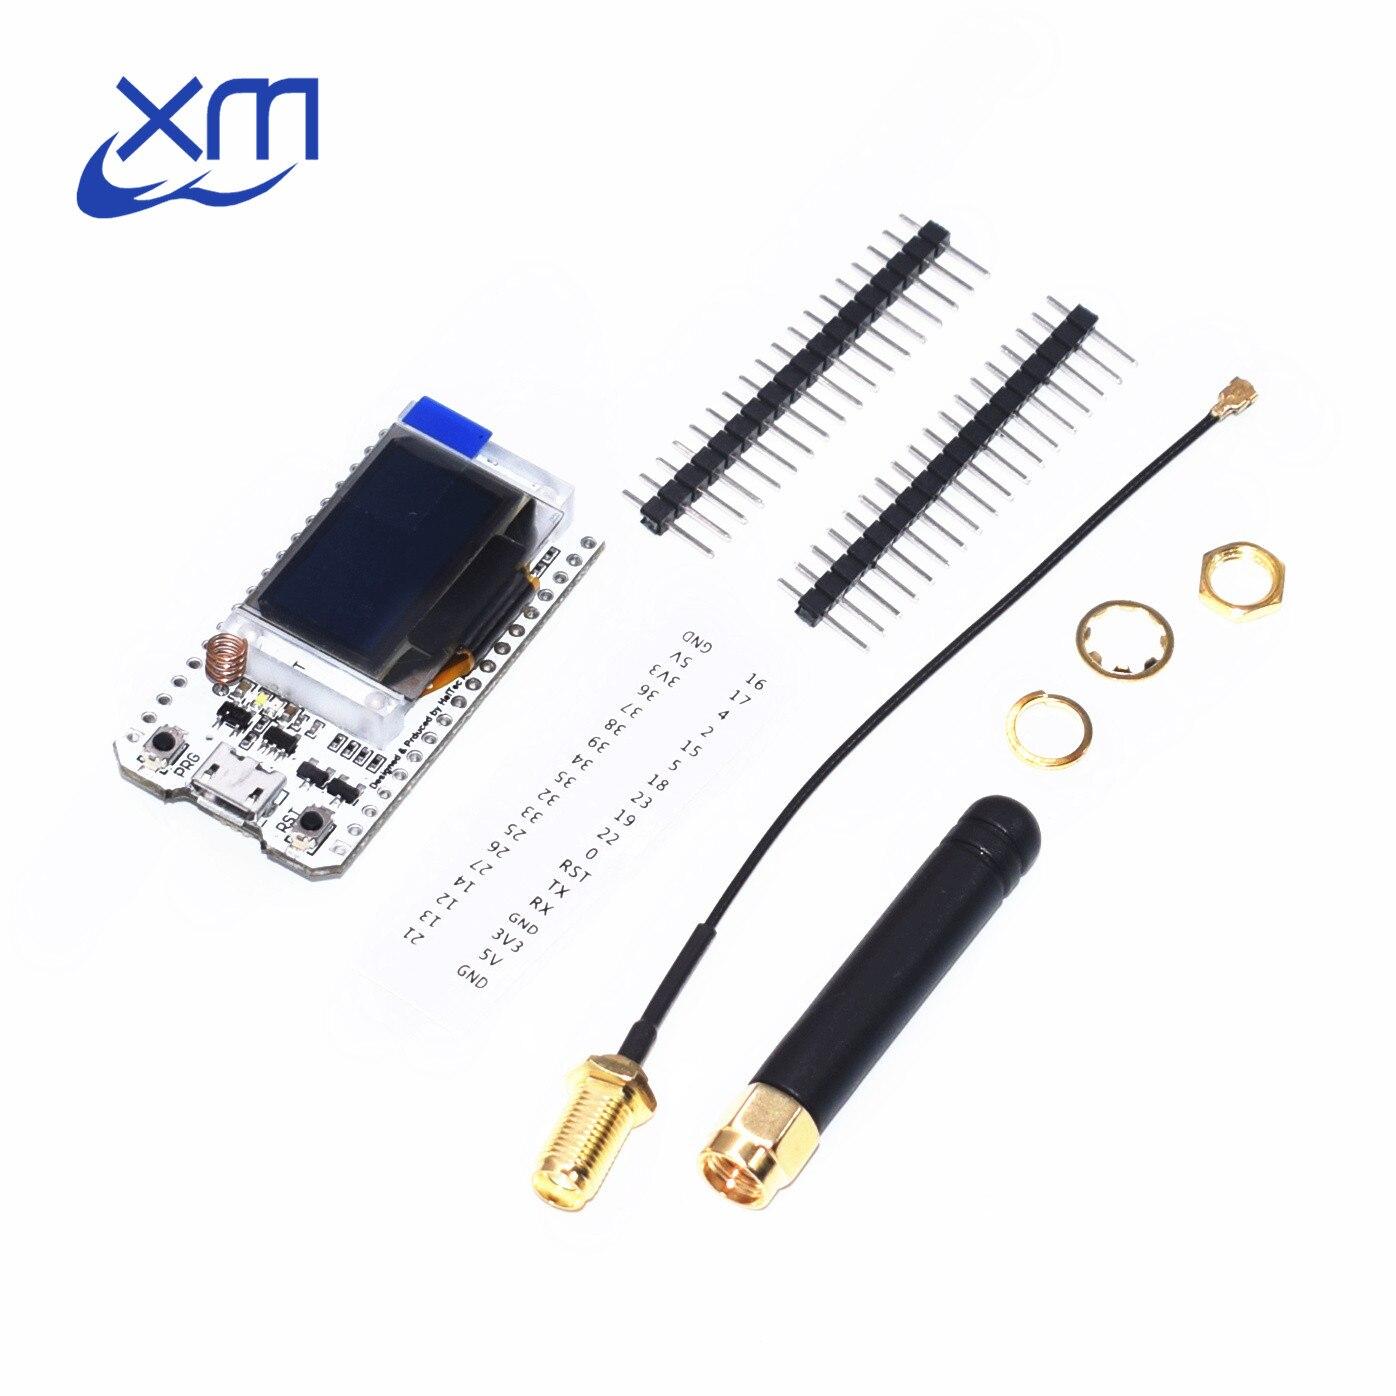 SX1276 ESP32 LoRa 868 MHz/915 MHz 0.96 pouces bleu OLED affichage Bluetooth WIFI Kit 32 carte de développement 10 pcs/lot H83